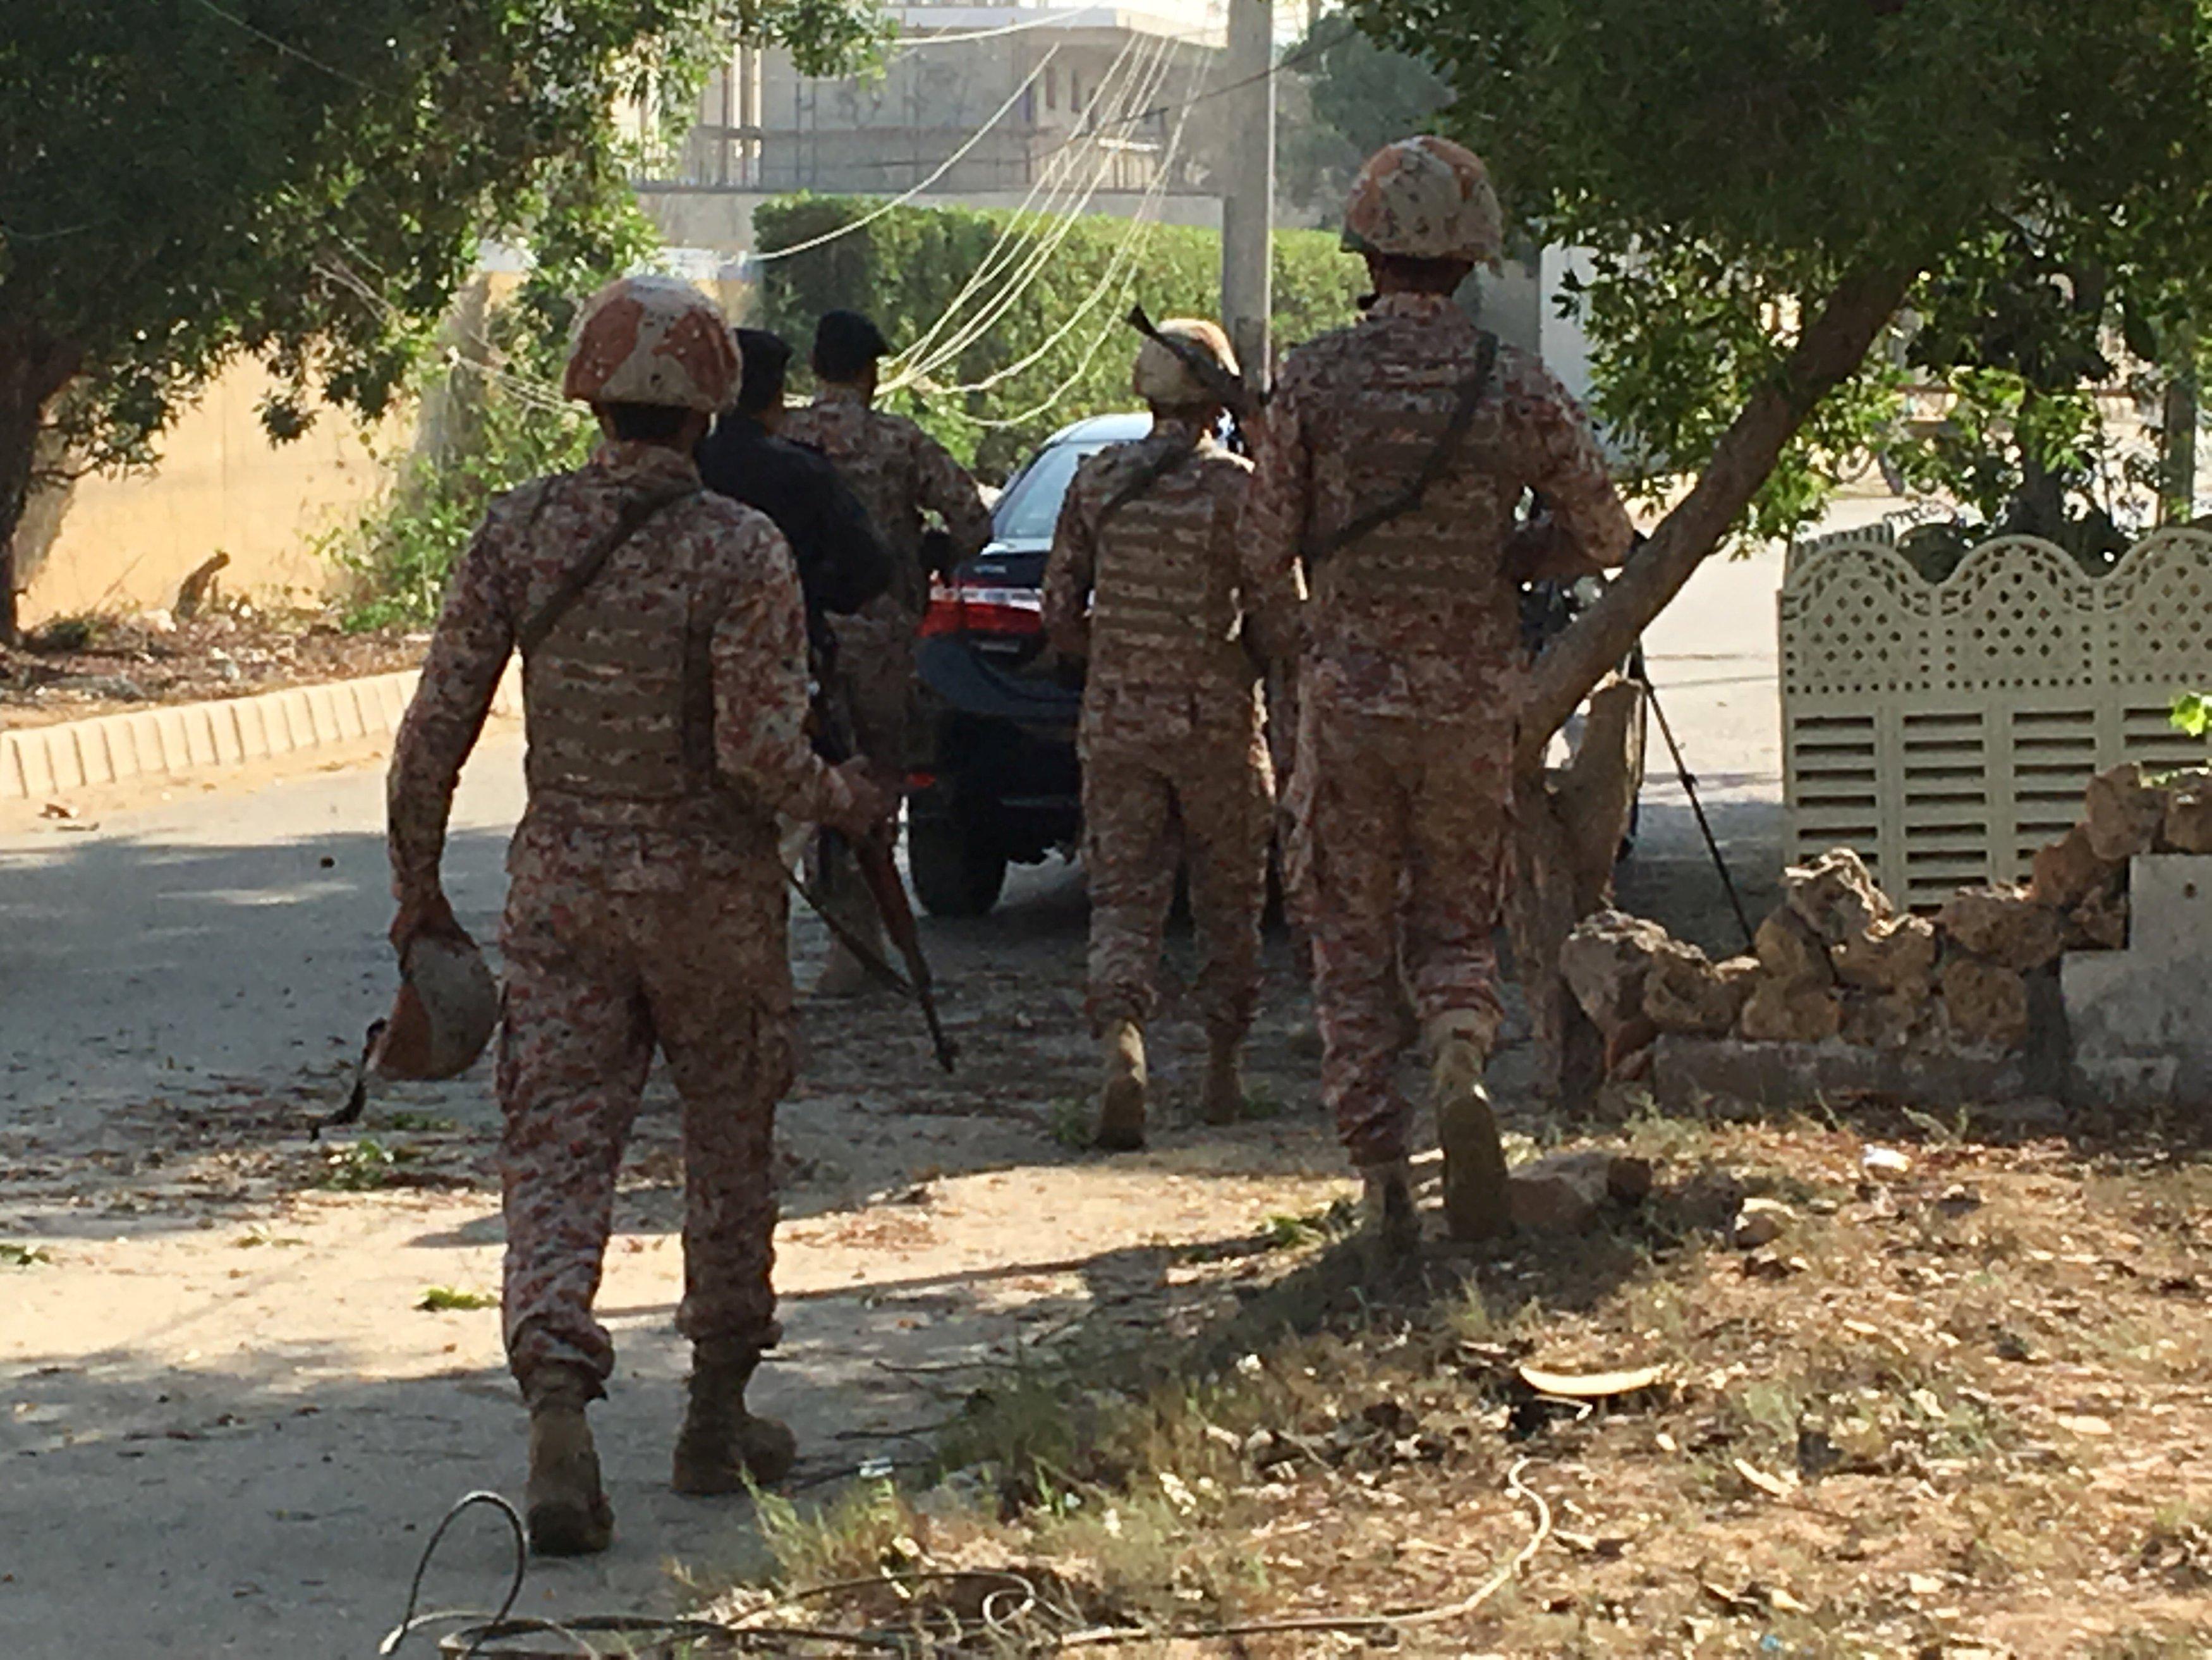 حمله مسلحانه به کنسولگری چین در کراچی